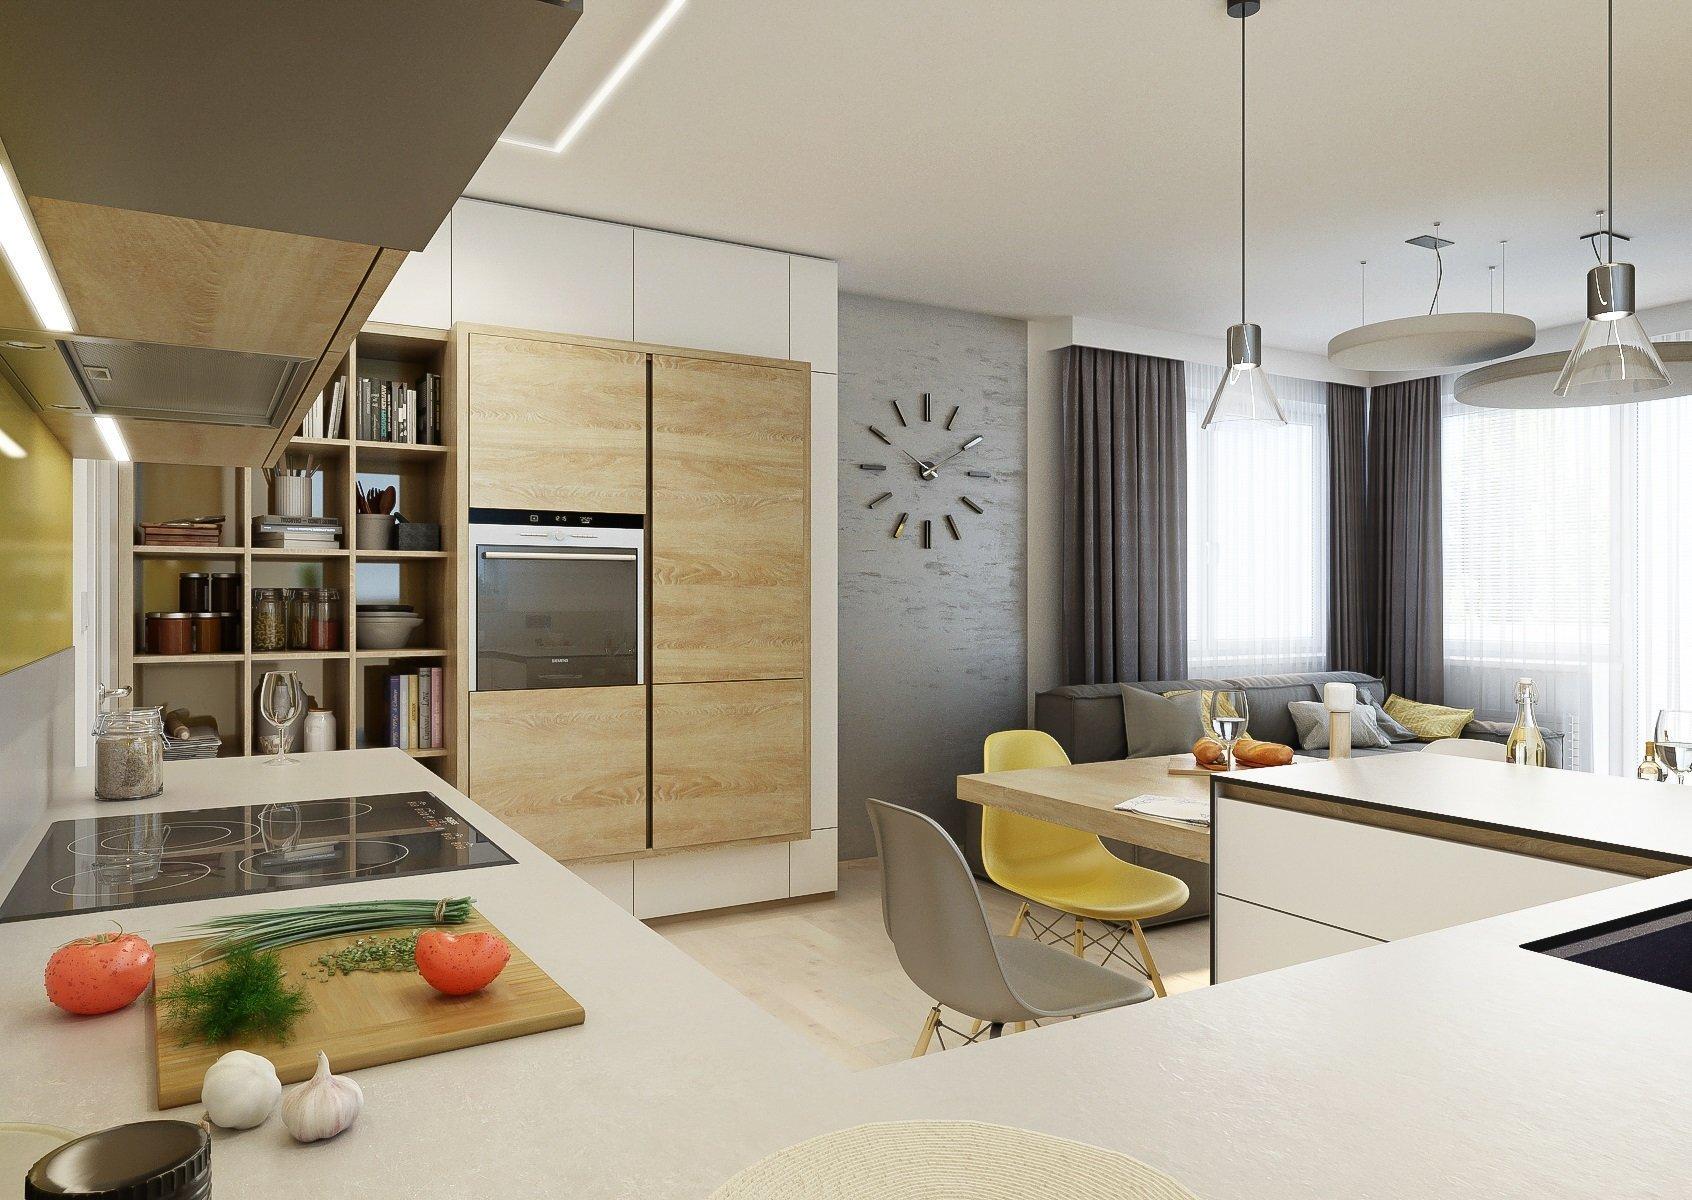 Do interiéru menšího obývacího pokoje s kuchyní jsme neumístili klasicky samostatný jídelní stůl, ale vytvořili prostor ke stolování kolem ostrůvku kuchyňské…